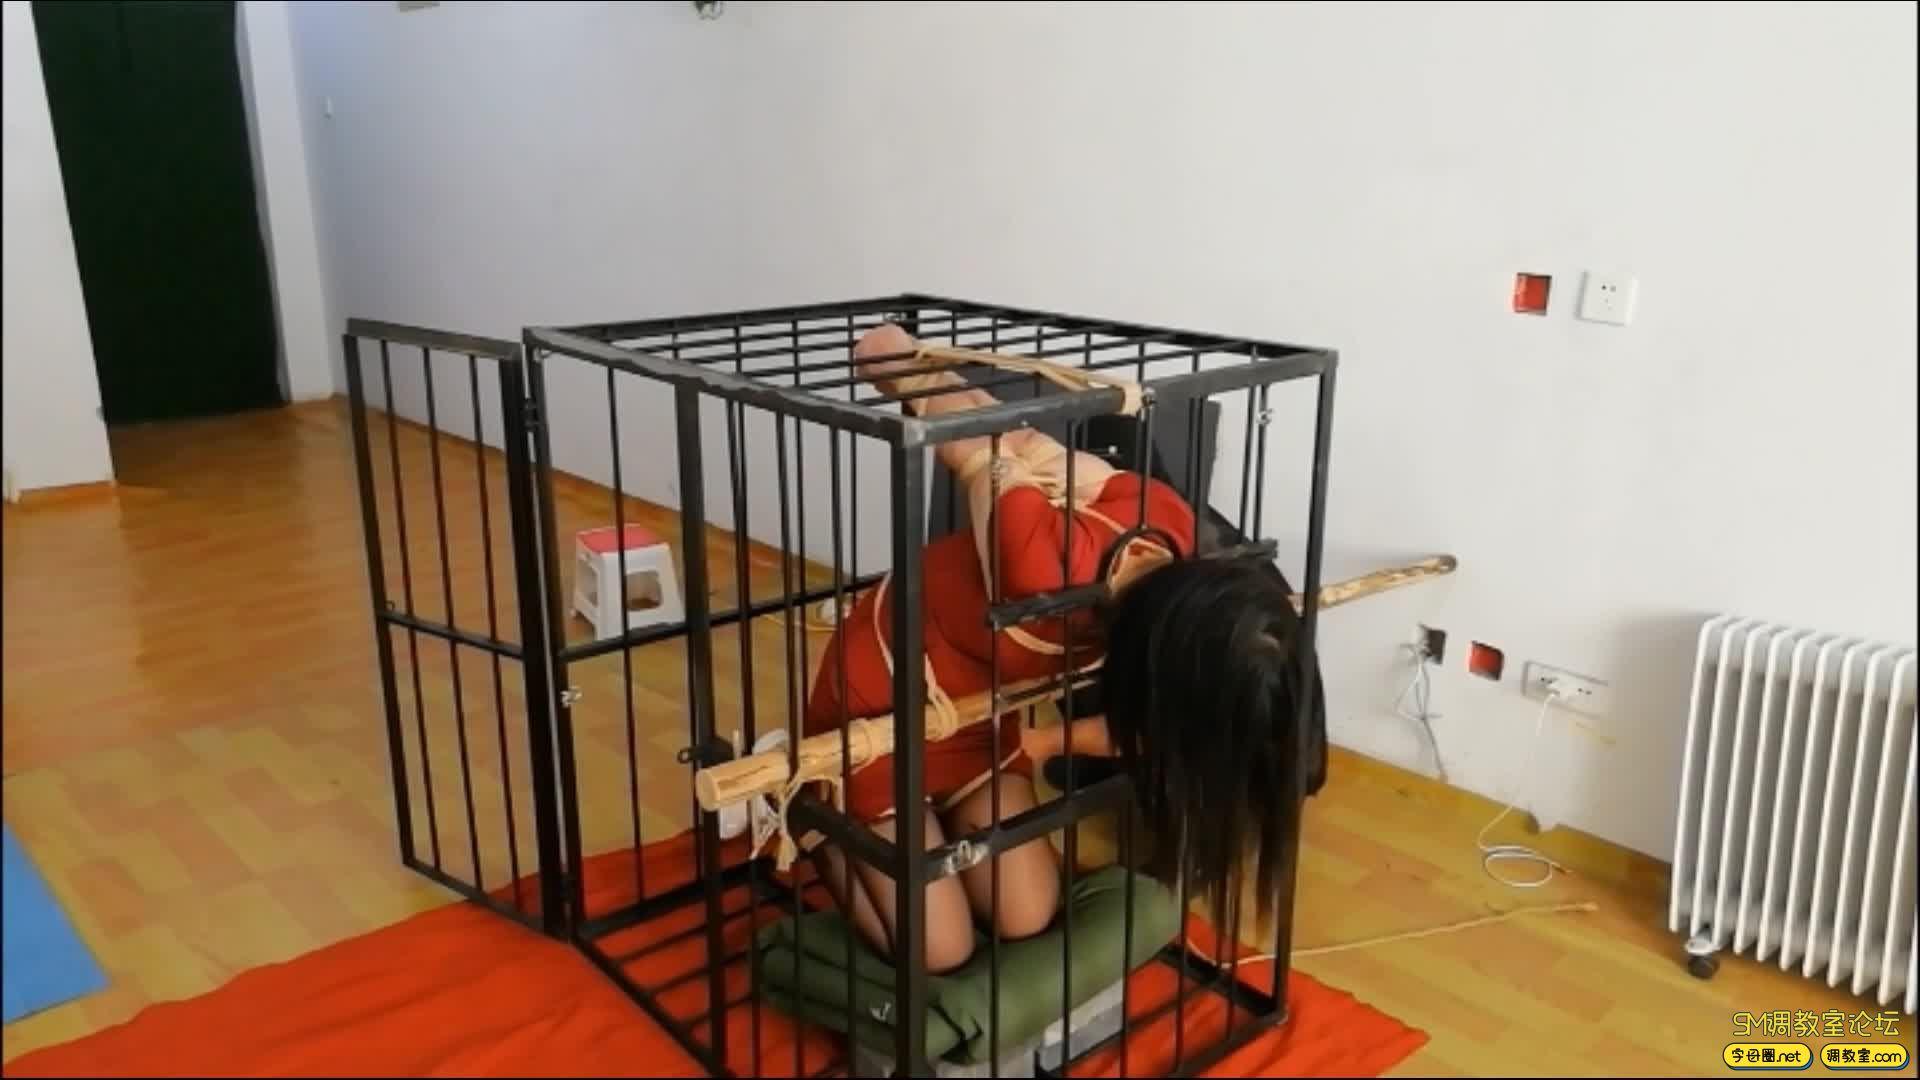 飞天原创 以绳会友,奴性十足的M体验残酷的笼子直臂跪立吊缚-视频截图6